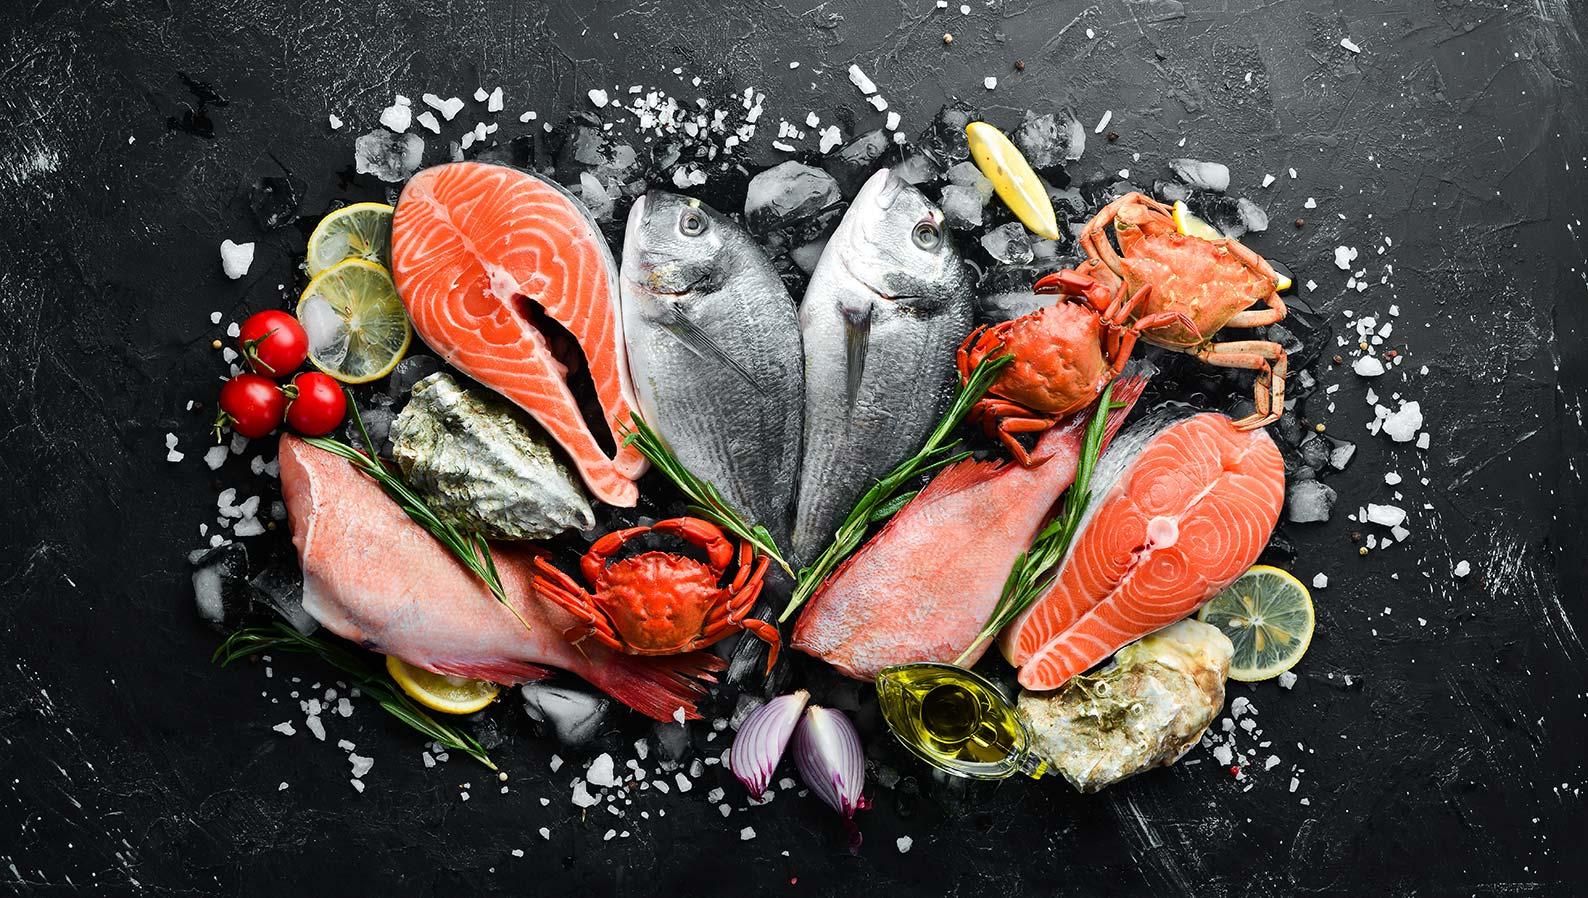 Ile trwa rozmrażanie mięsa, ryb, chleba, warzyw, owoców?